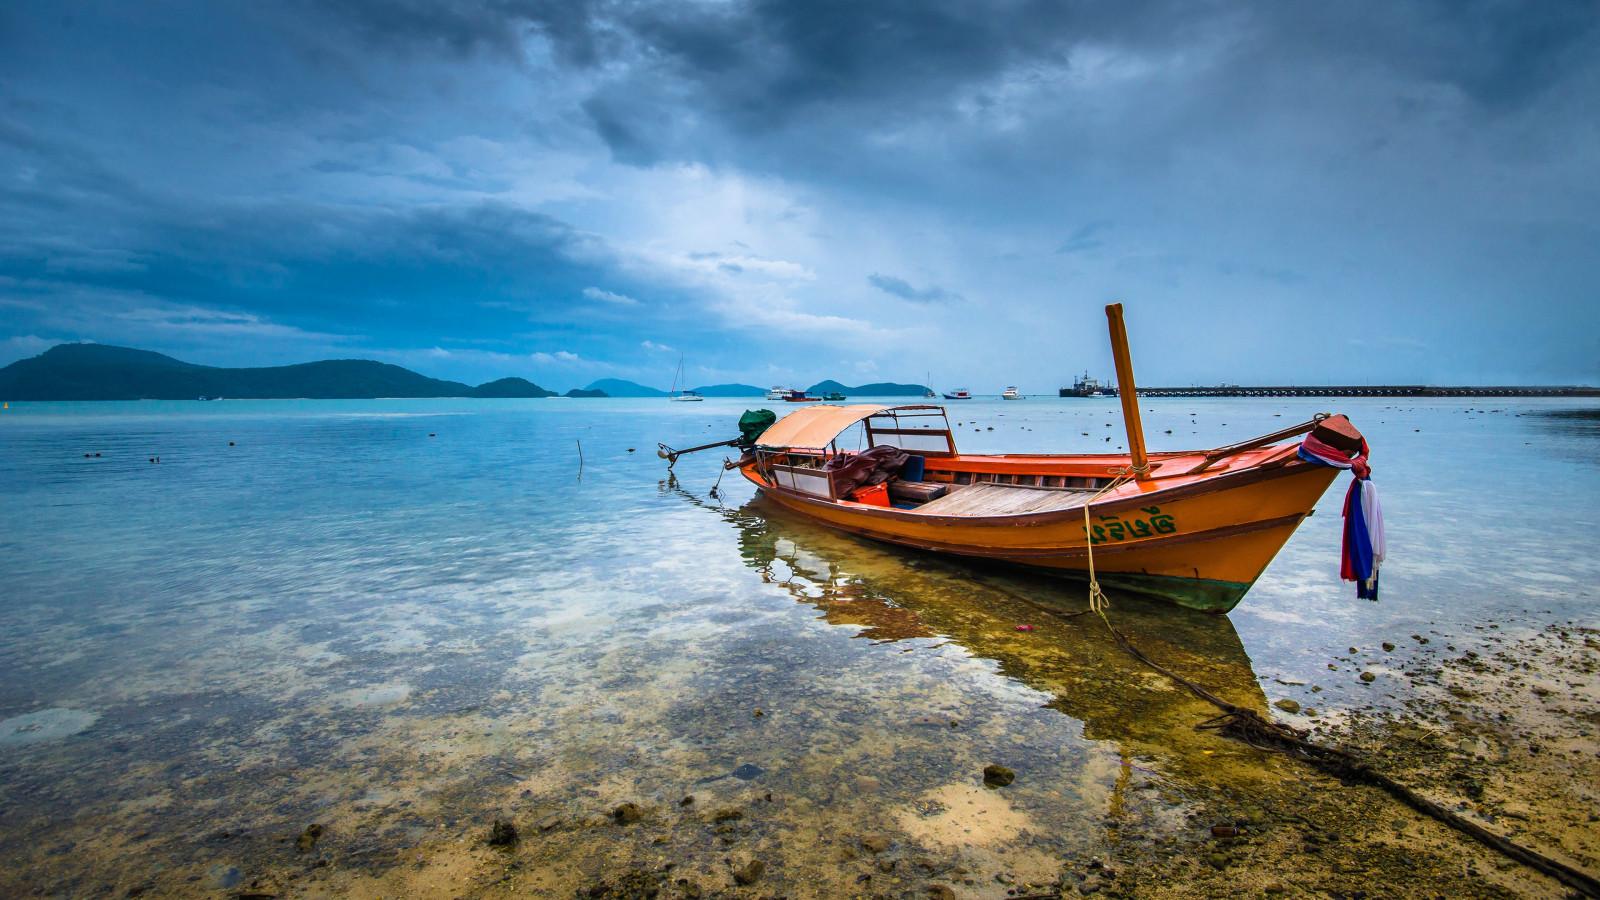 Картинка, картинки с лодками красивые